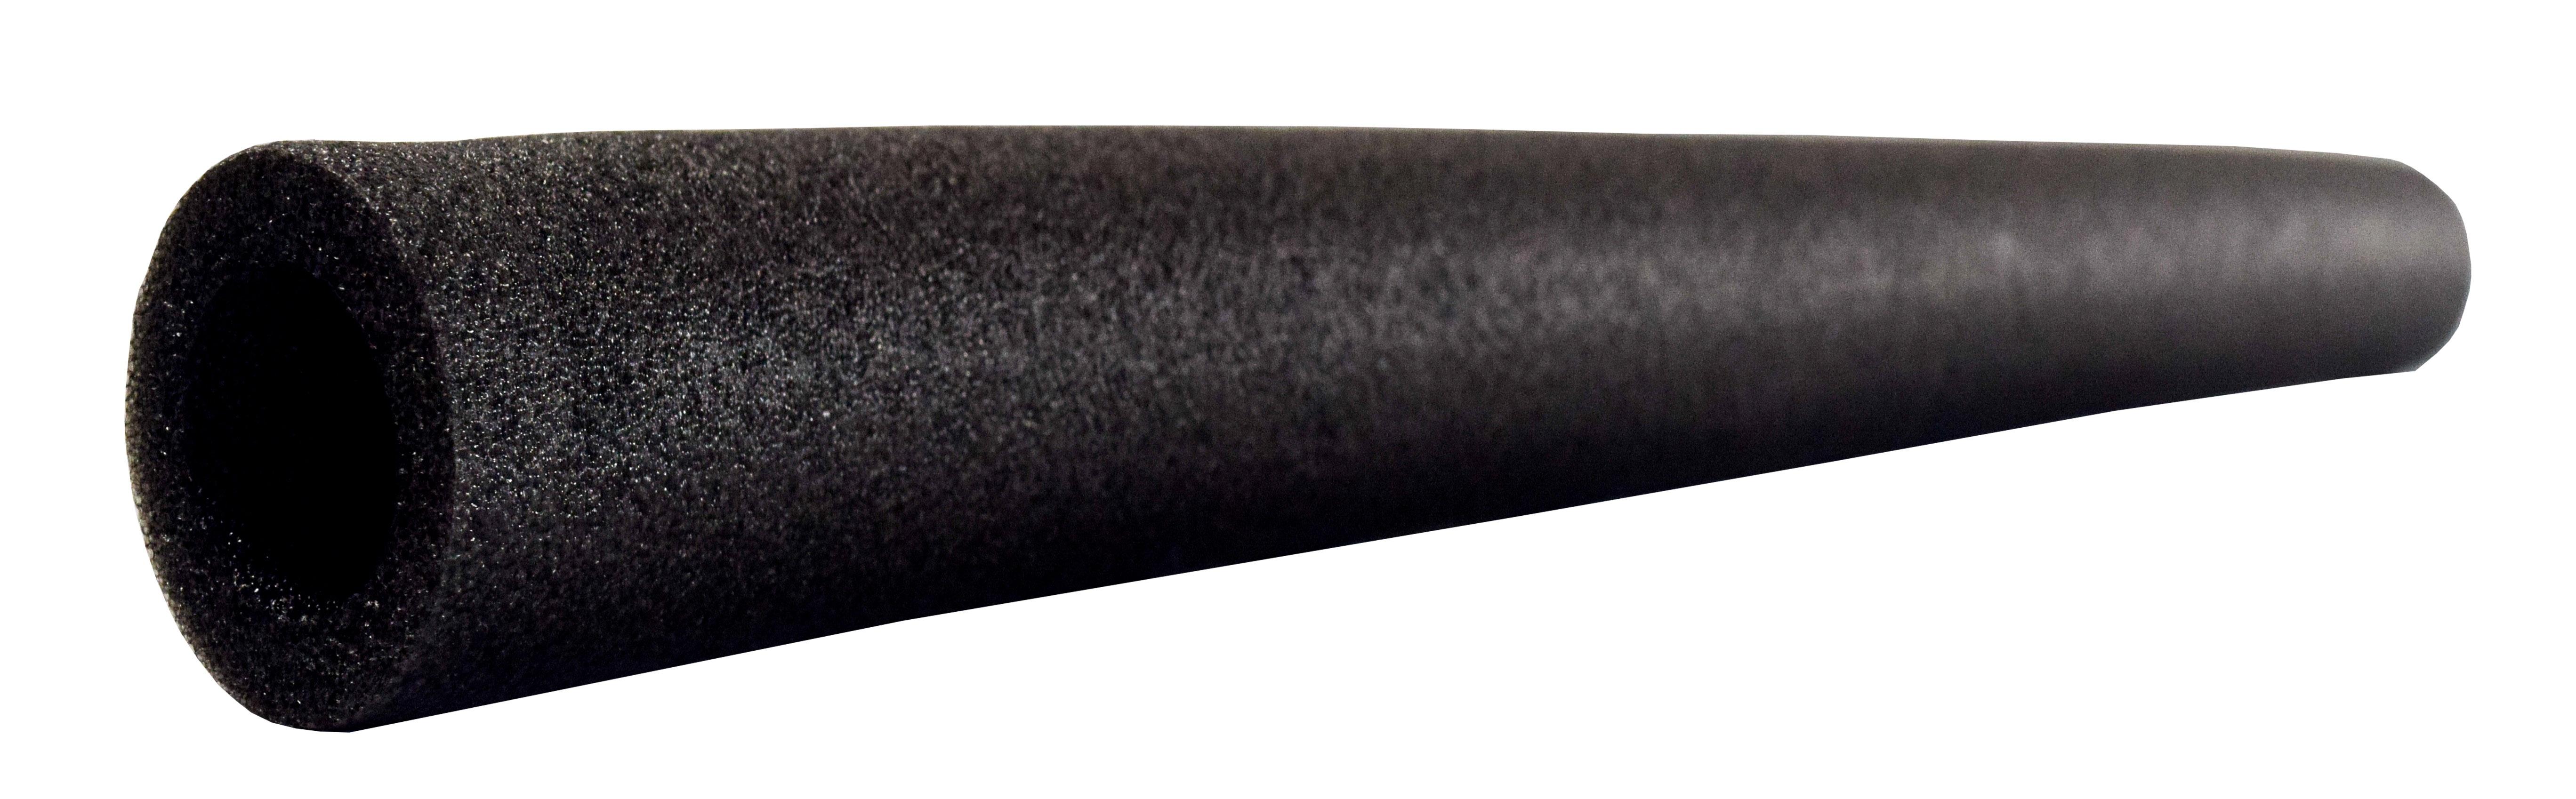 Aga Penová ochrana na trampolínove tyče MIRELON 50 cm Black